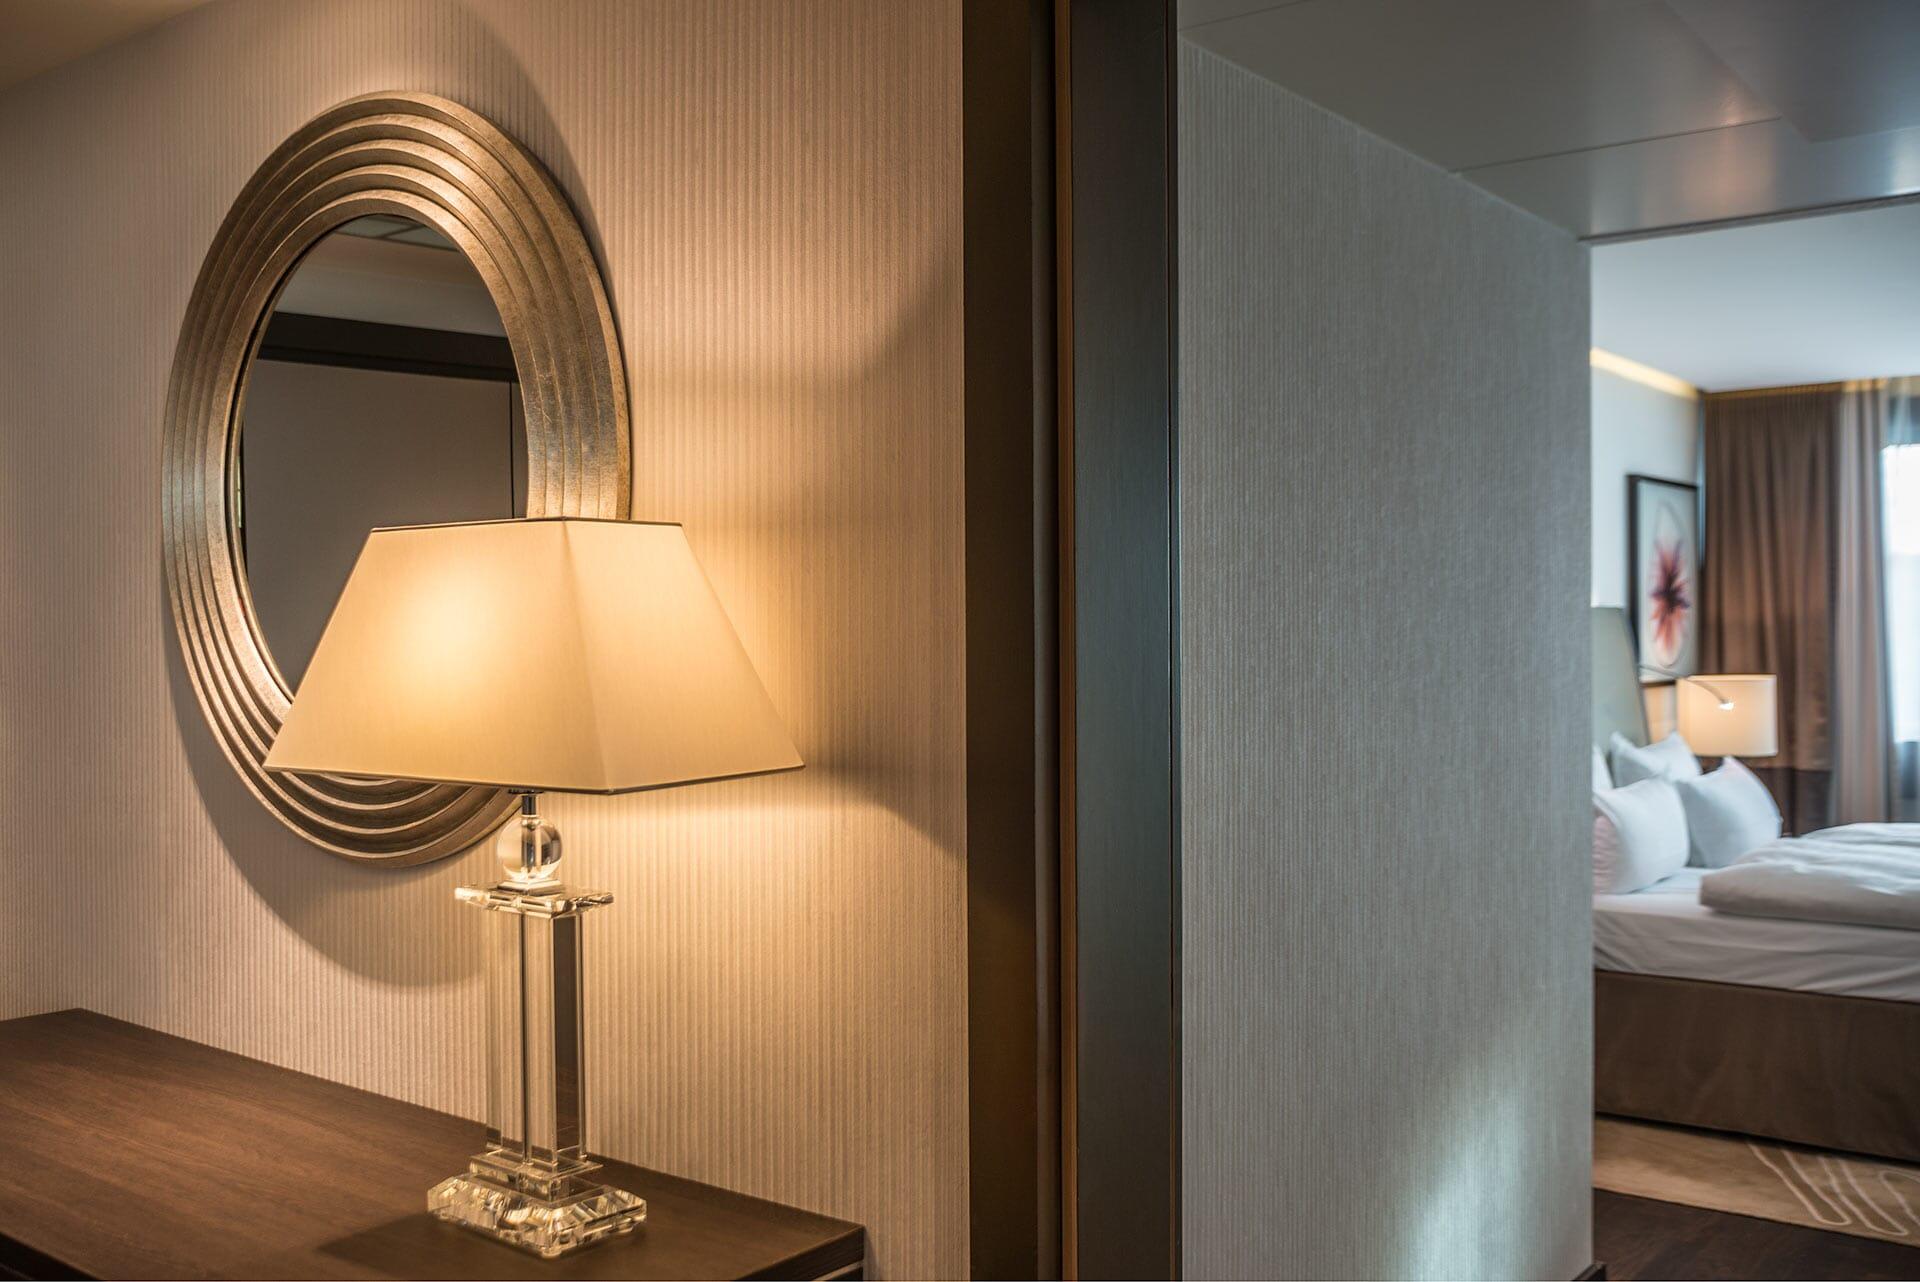 Hotelfotografie im Hotel Steigenberger Berlin